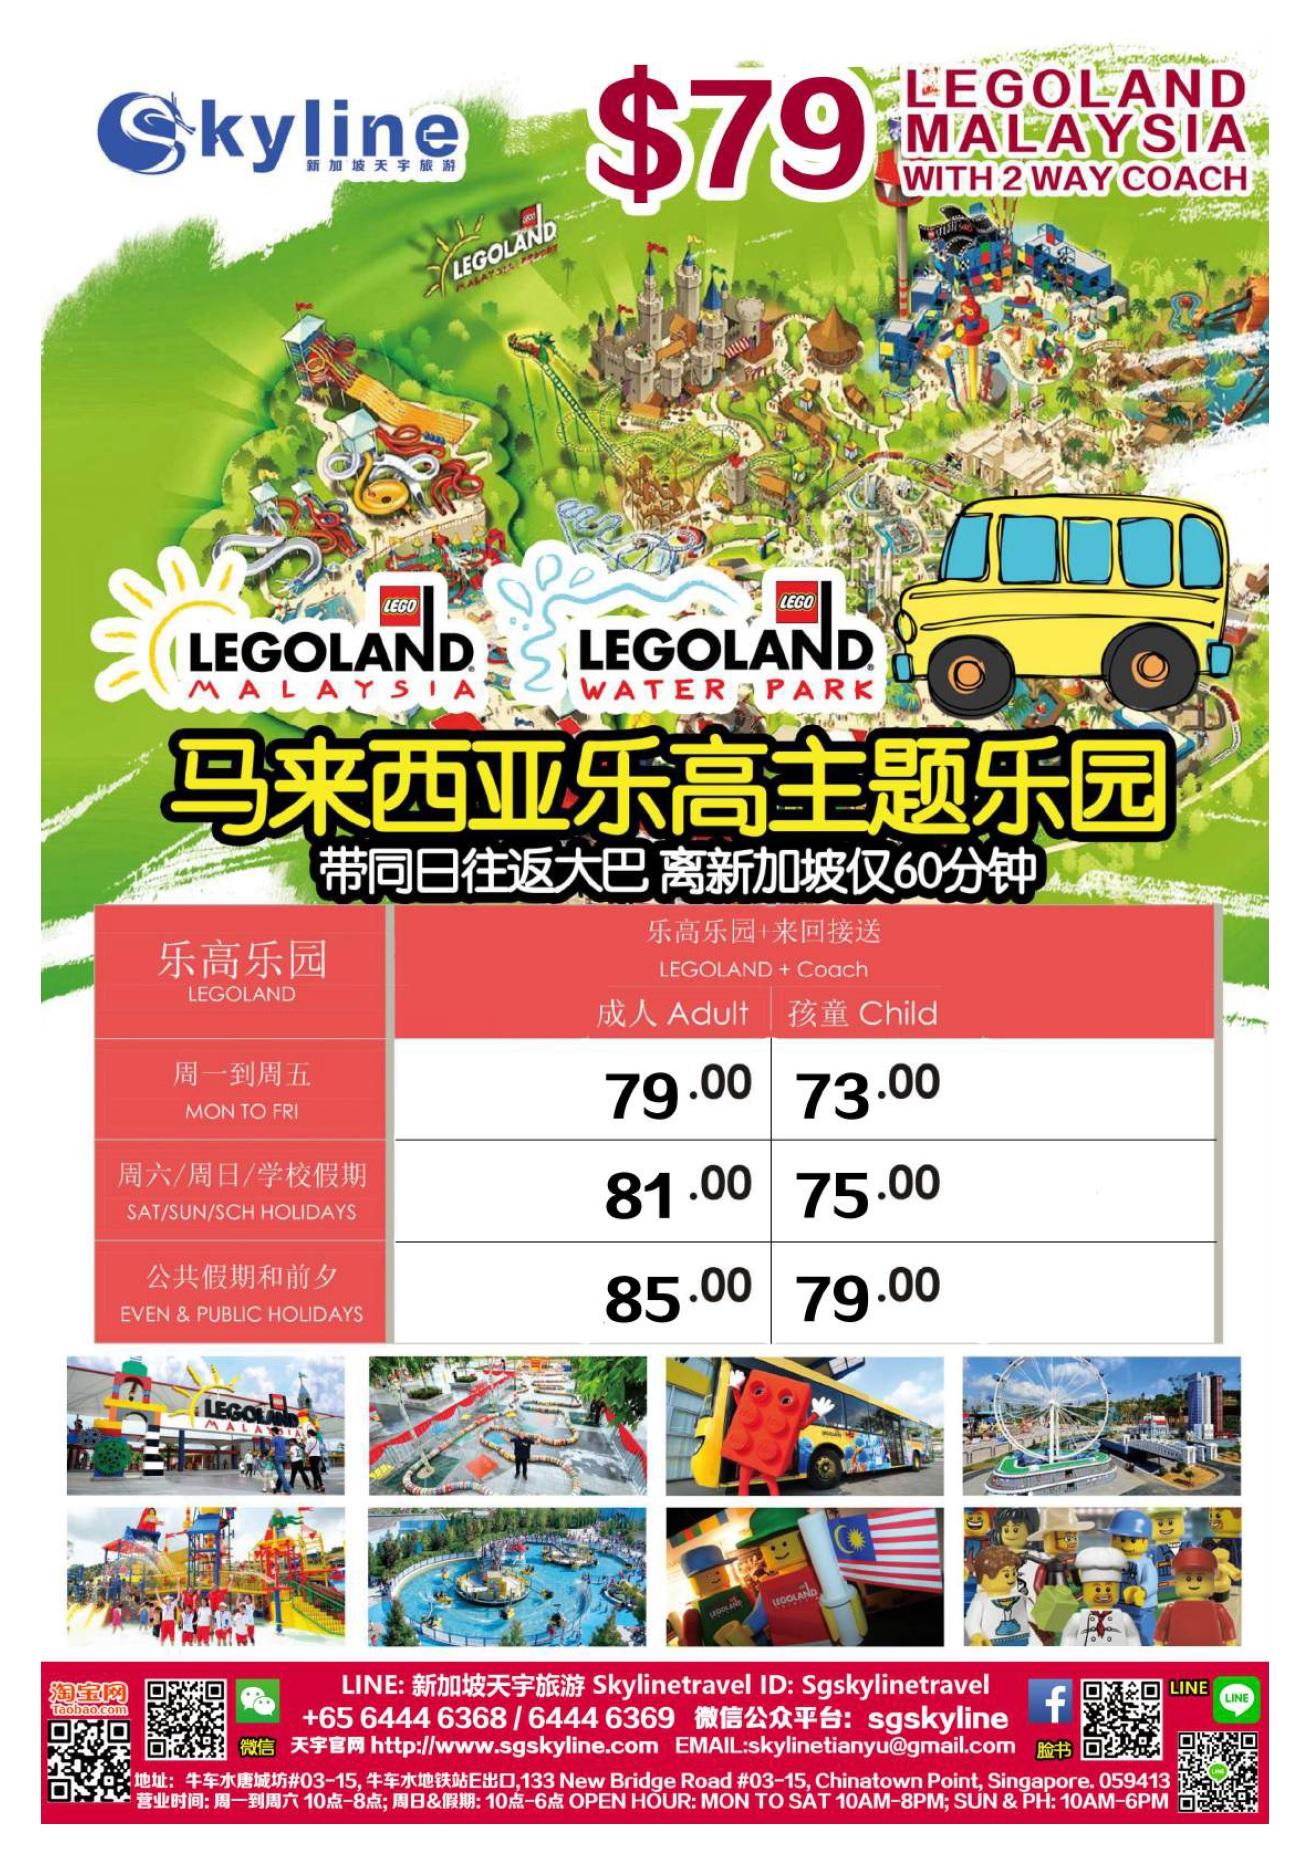 Legolandpackagenew.jpg